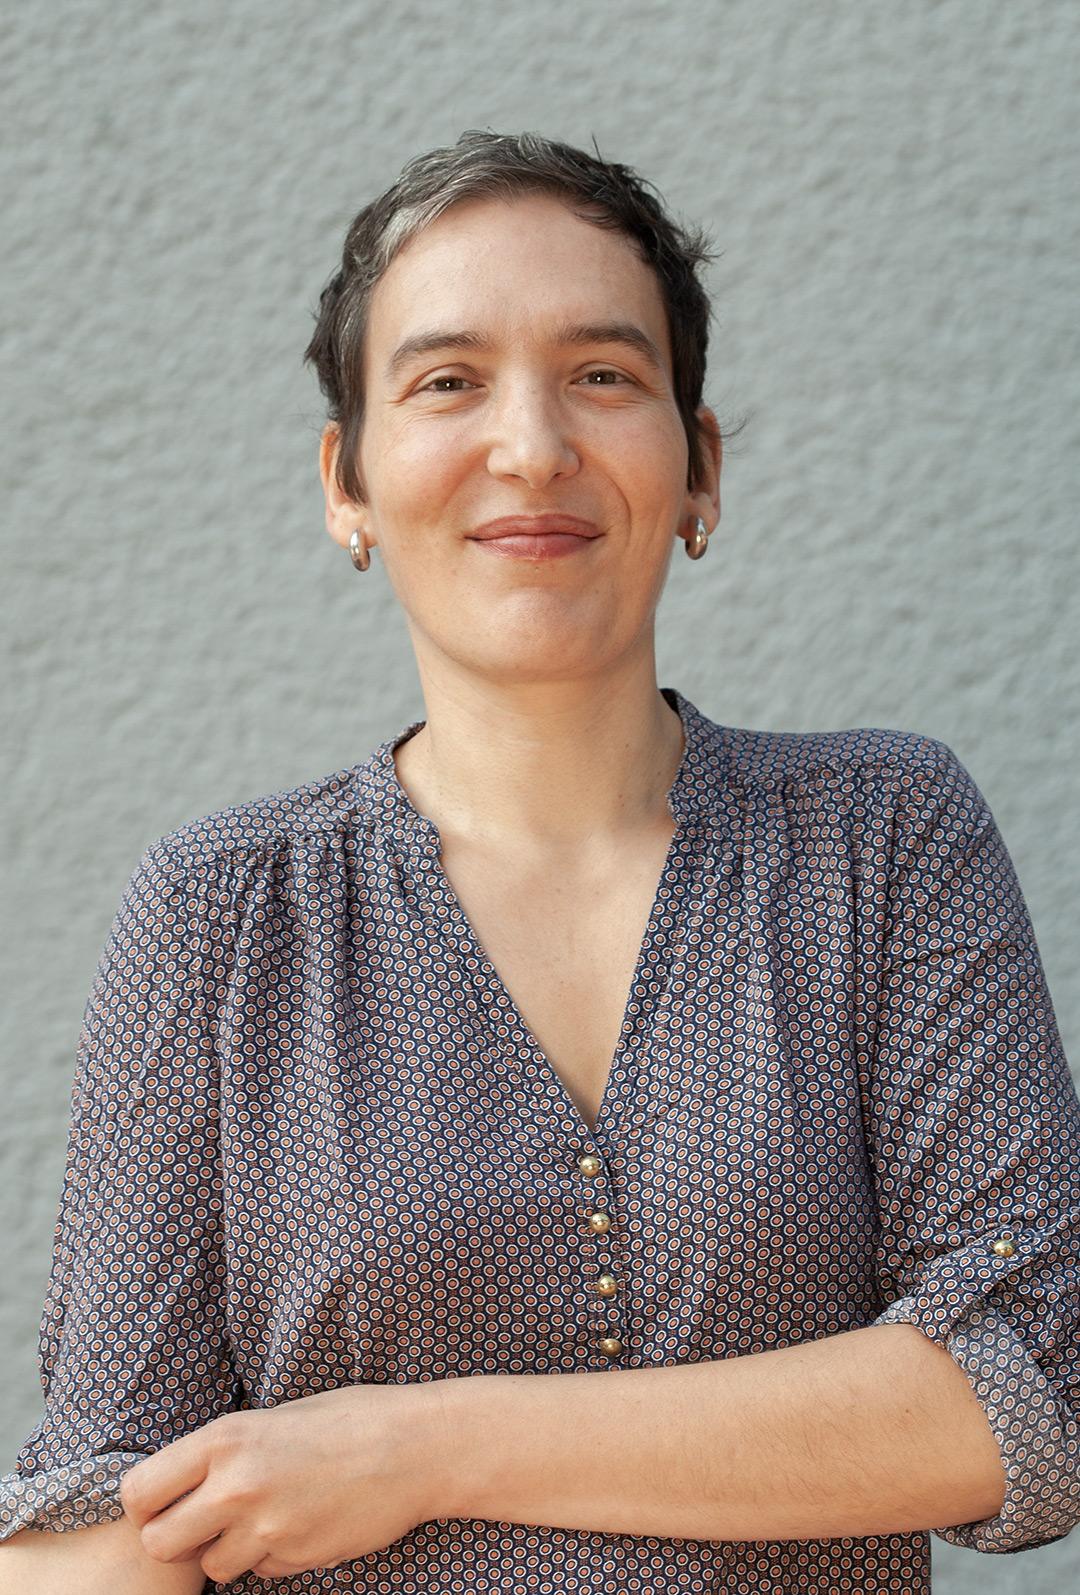 Potraitfoto Lydia C.